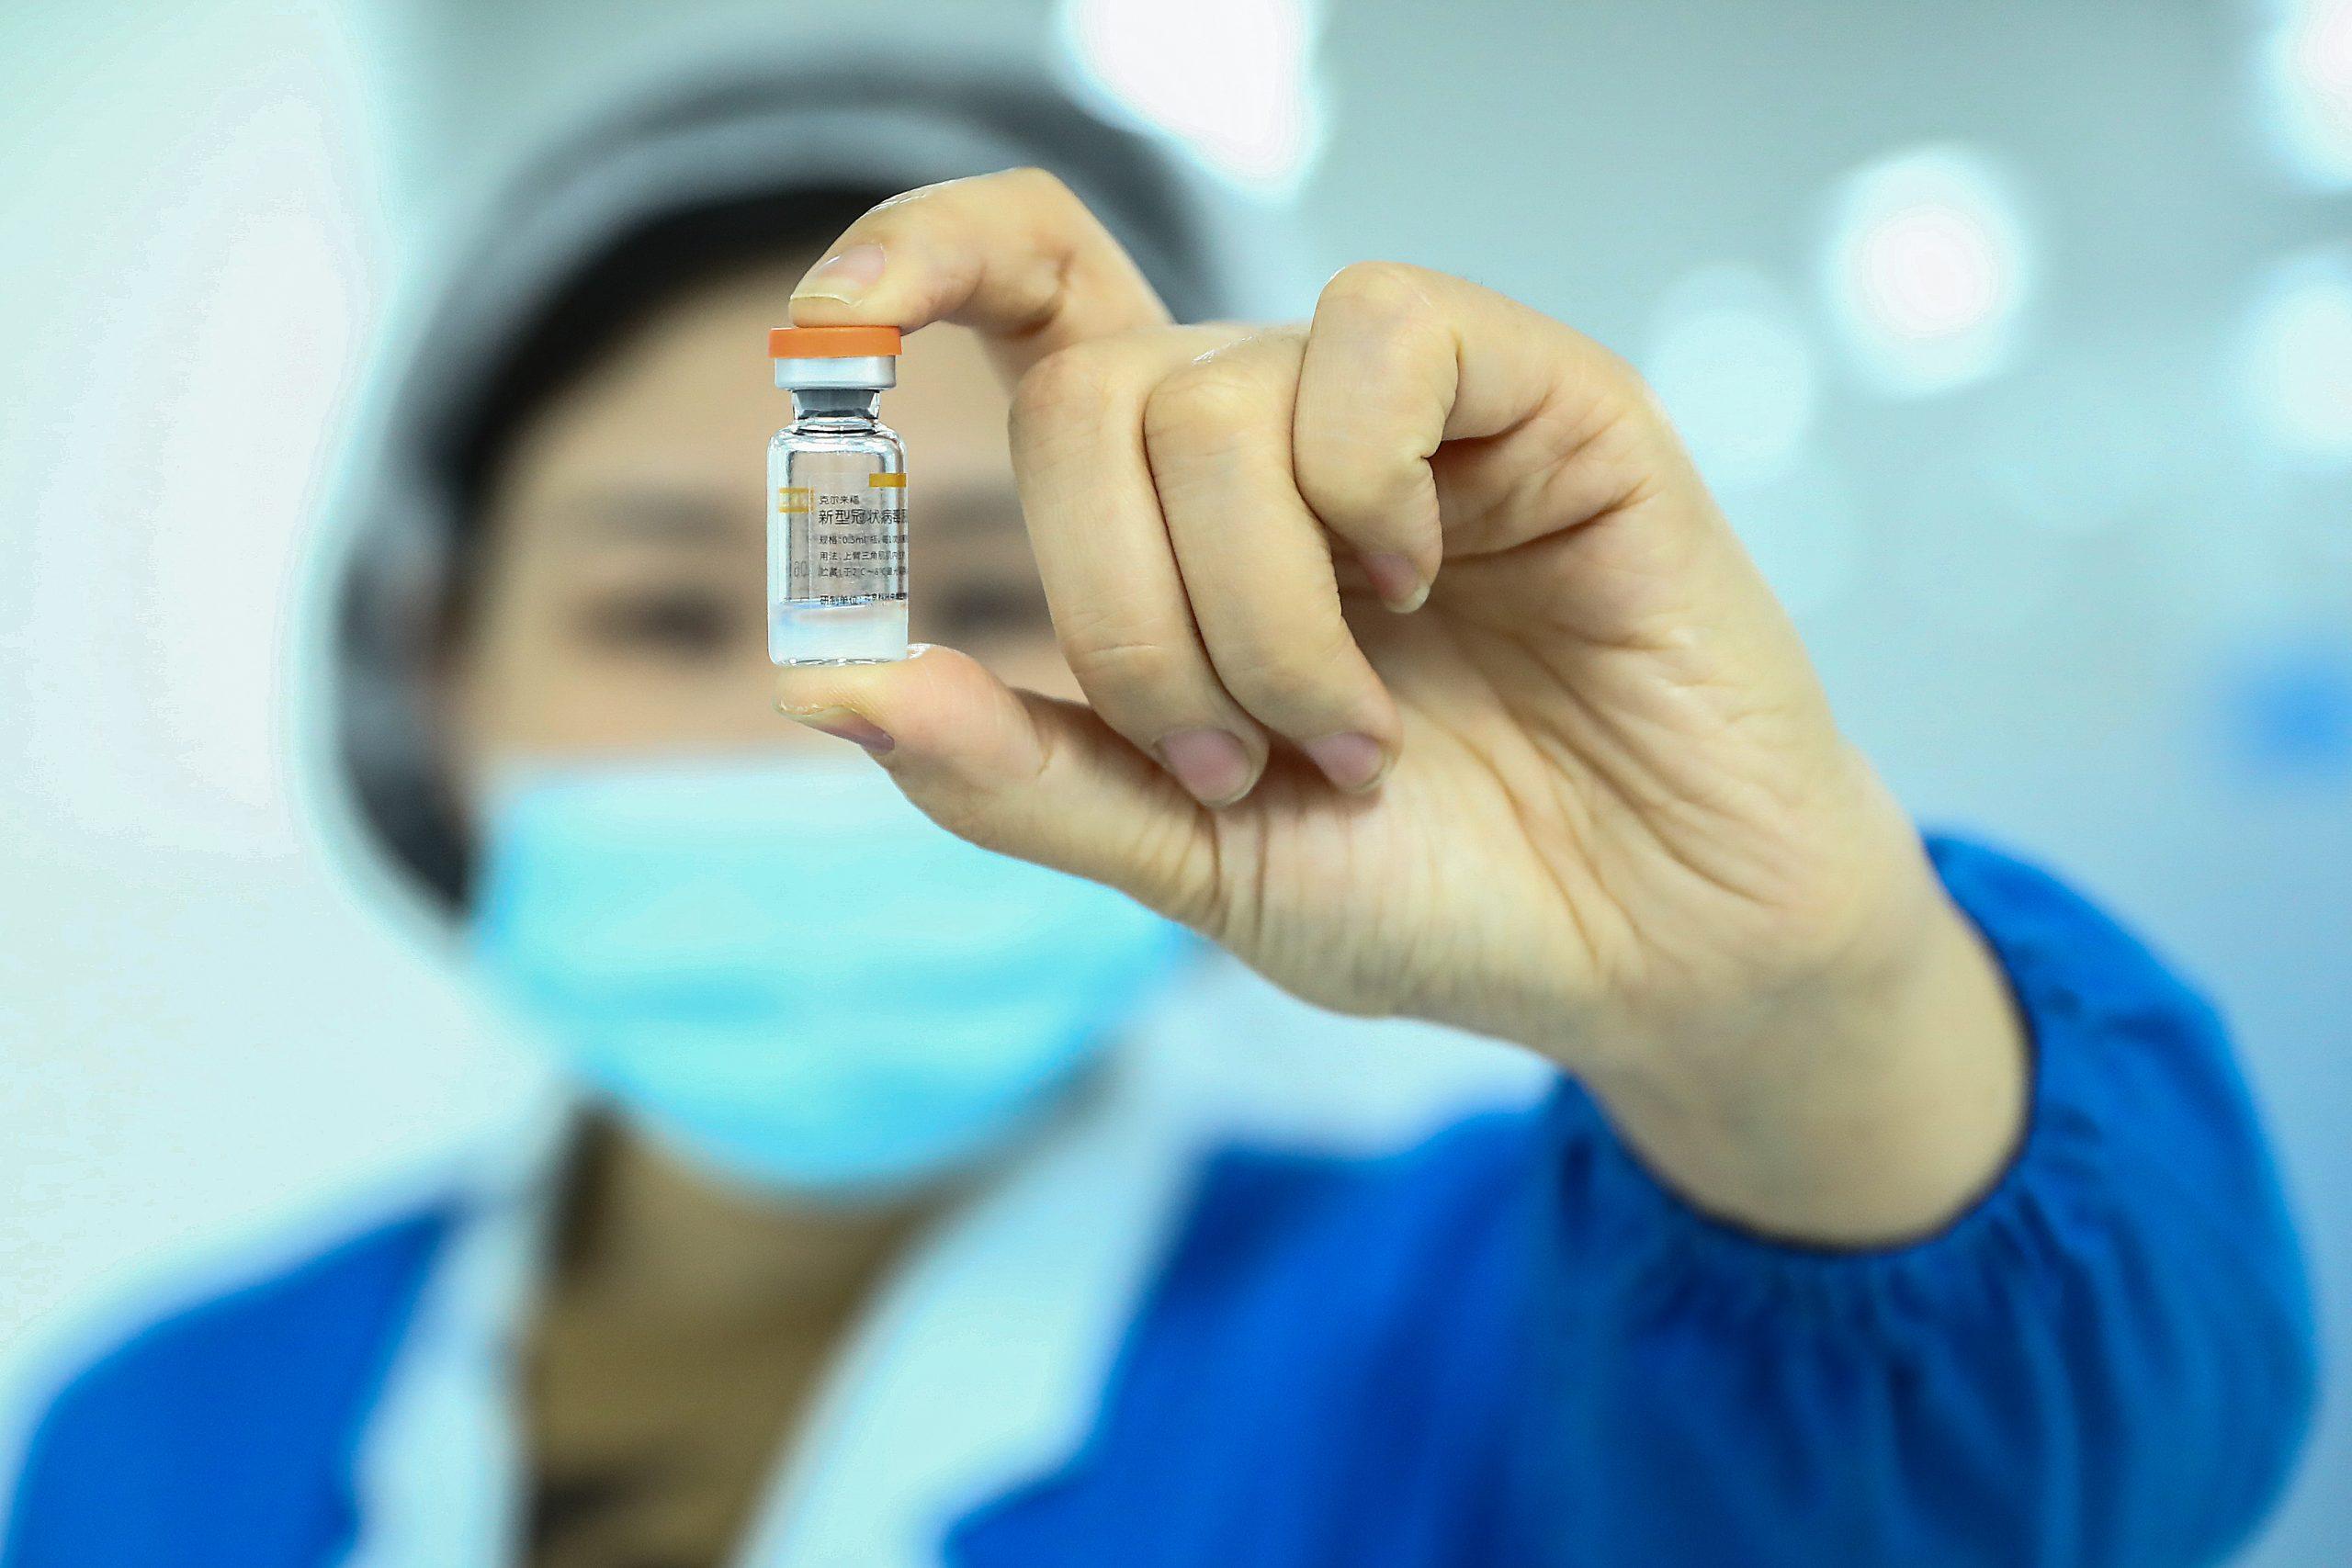 Vacuna contra COVID-19 de farmacéutica china Sinovac es segura y eficaz, según expertos